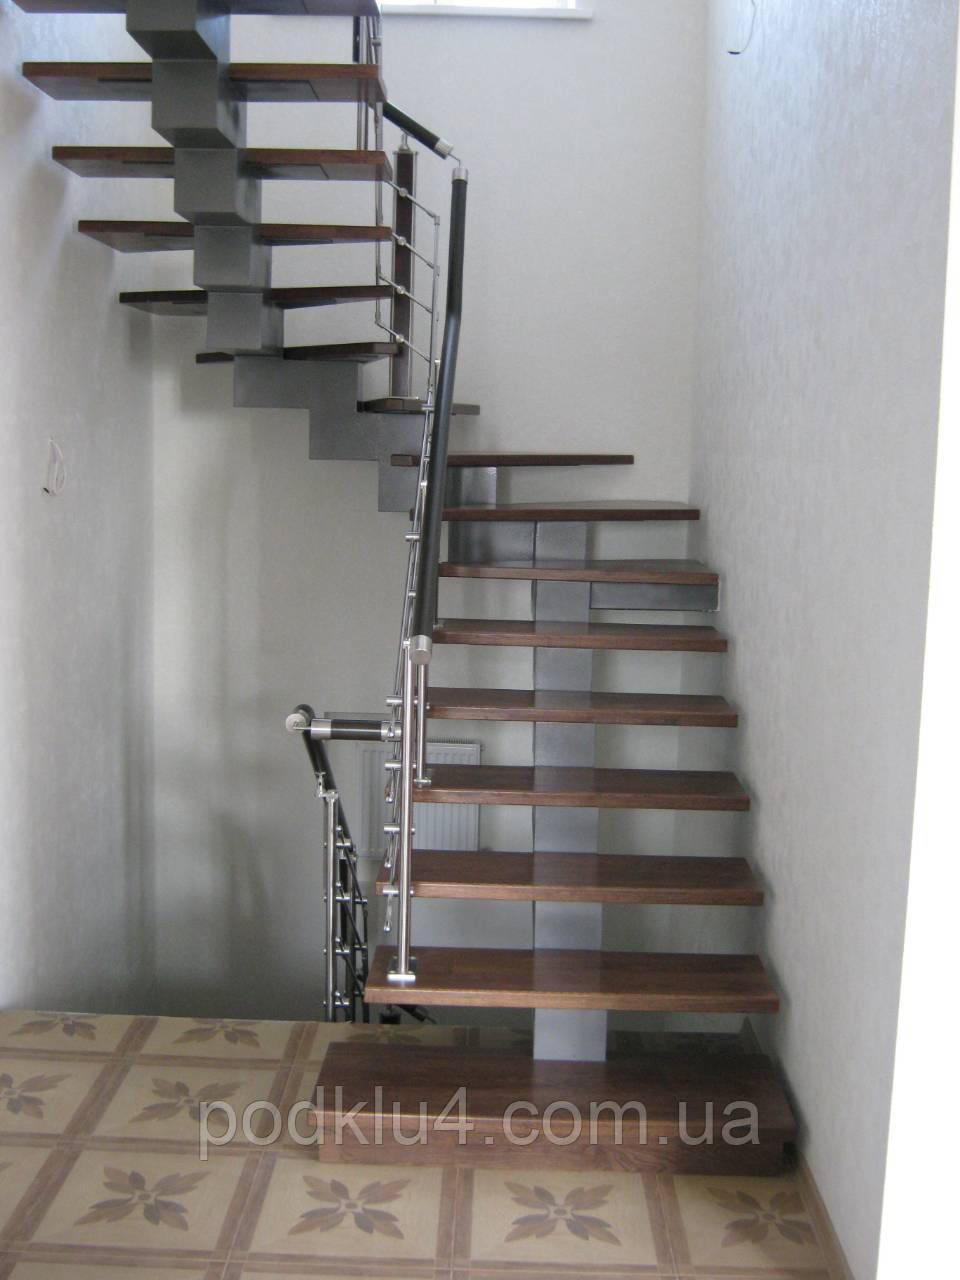 Лестницы внутридомовые на ступенчатом косоуре